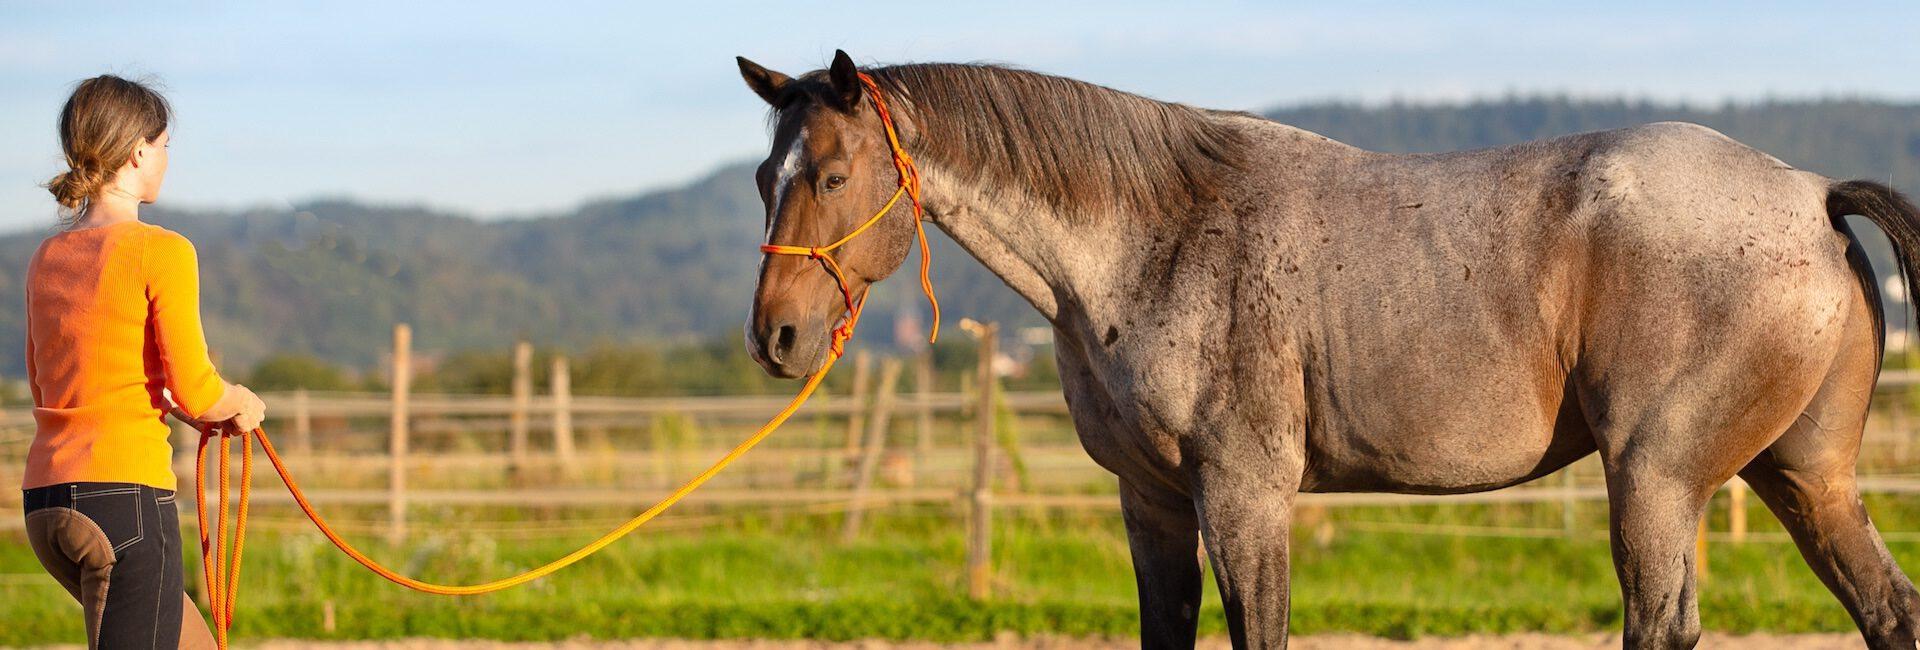 10 Dinge, die ich an dir mag/Mein Pferd rockt